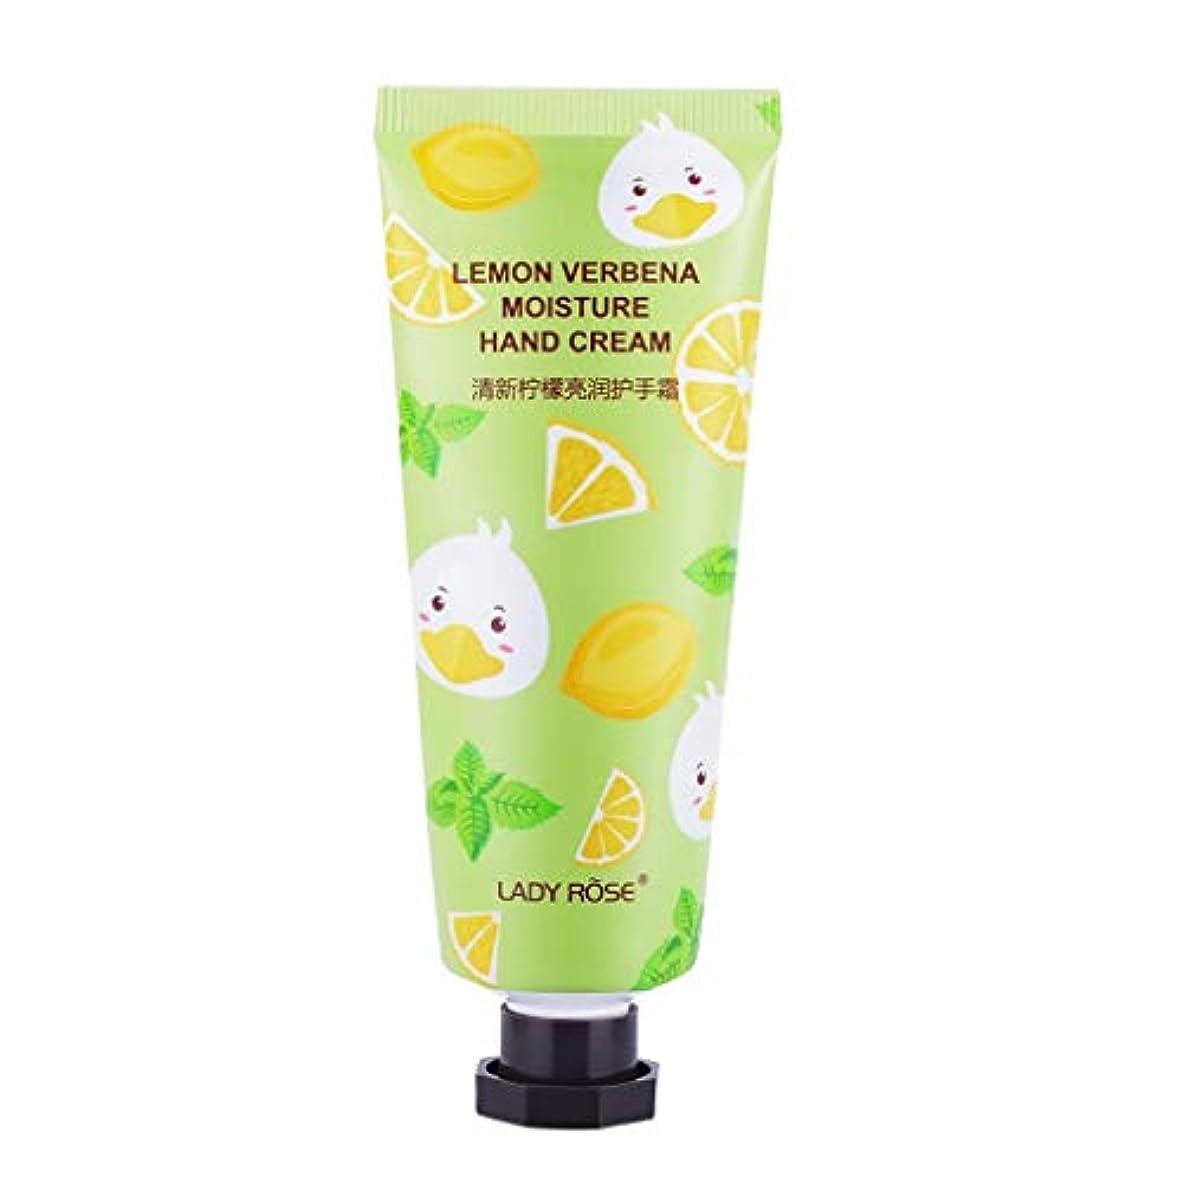 自然メドレー規制B Baosity ハンドクリーム 保湿 ローション 潤い スキンケア ハンドローション 3タイプ選べ - レモン